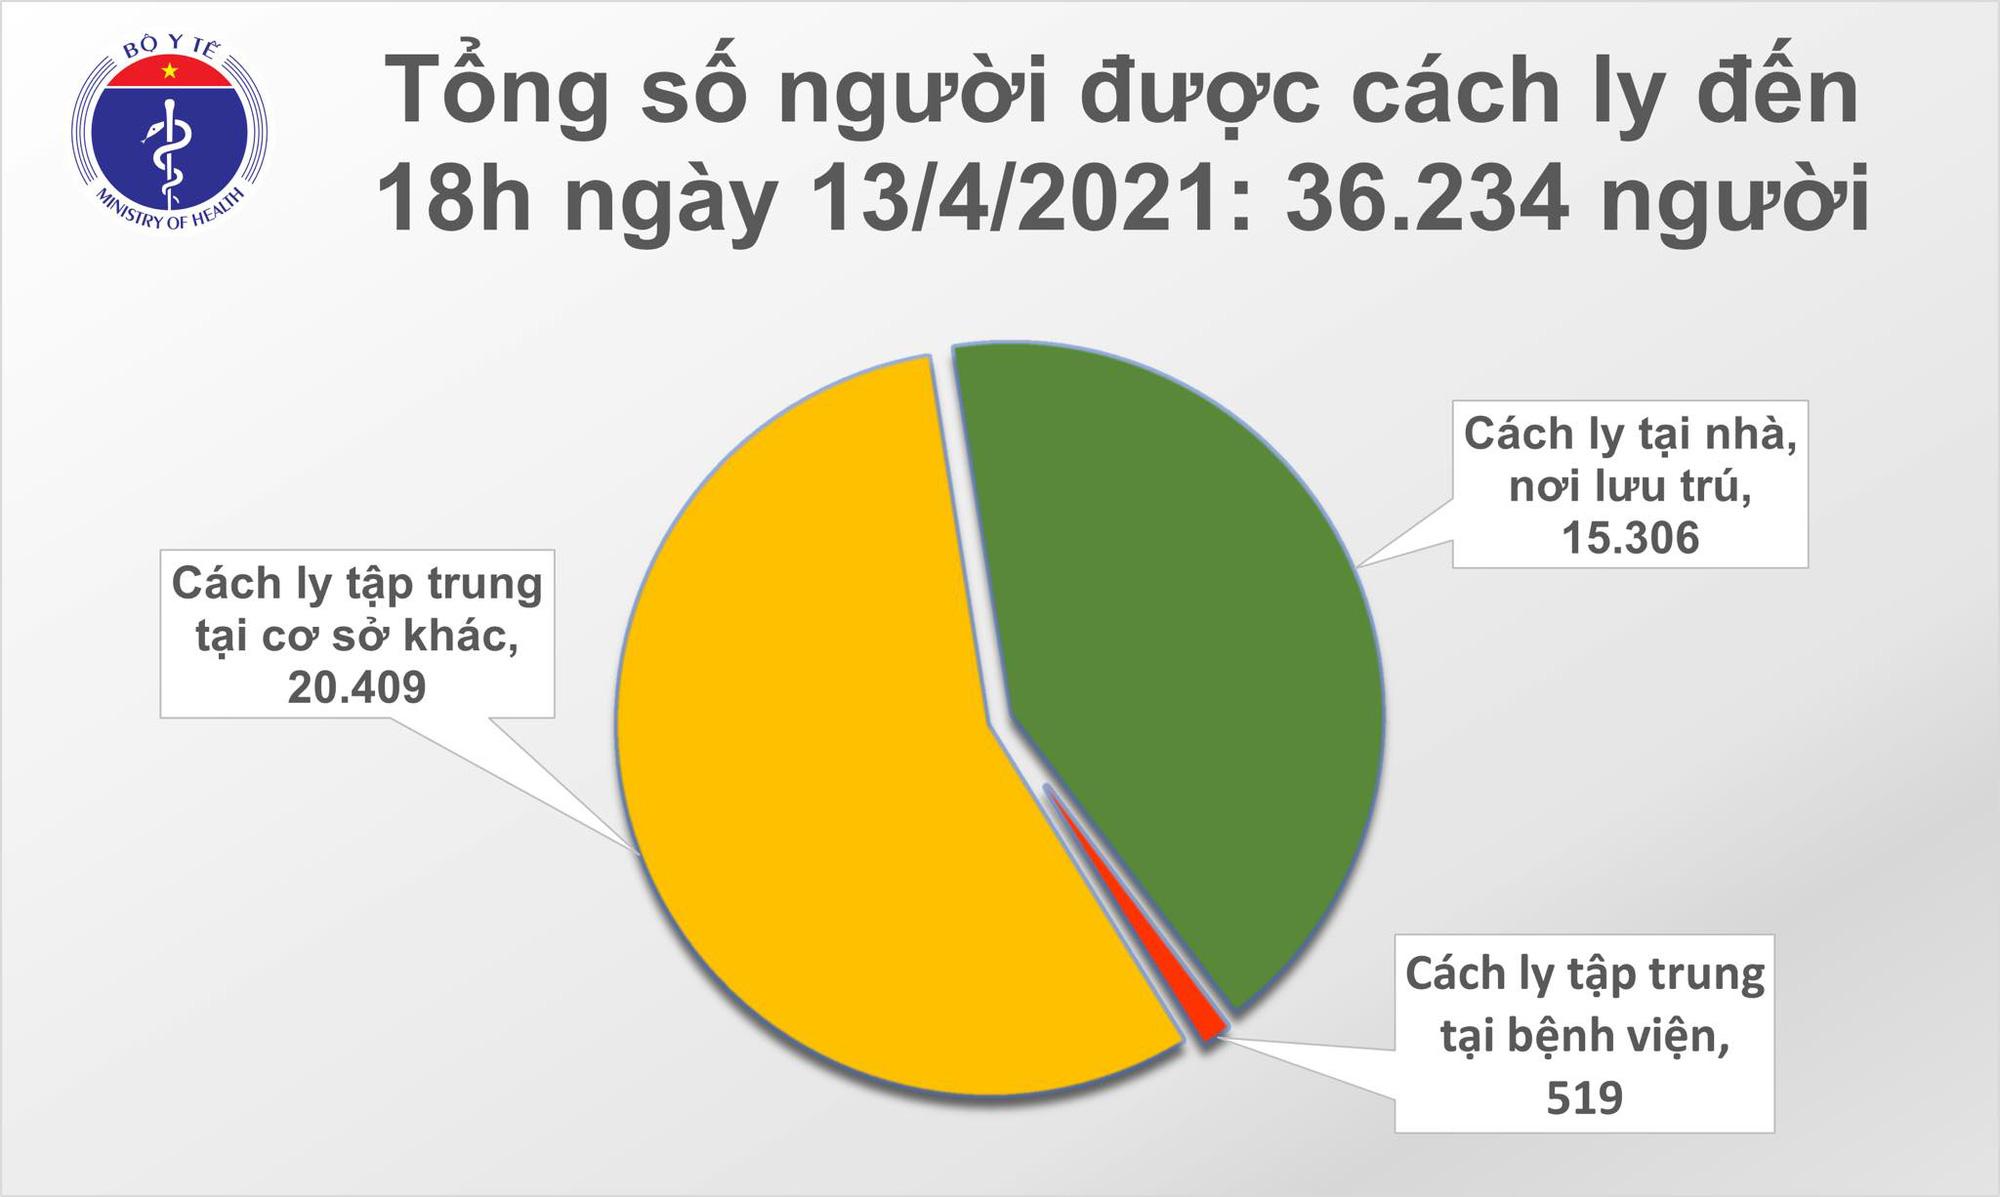 Chiều 13/4, có 7 ca mắc Covid-19 tại Bến Tre, Kiên Giang và Đà Nẵng - Ảnh 2.